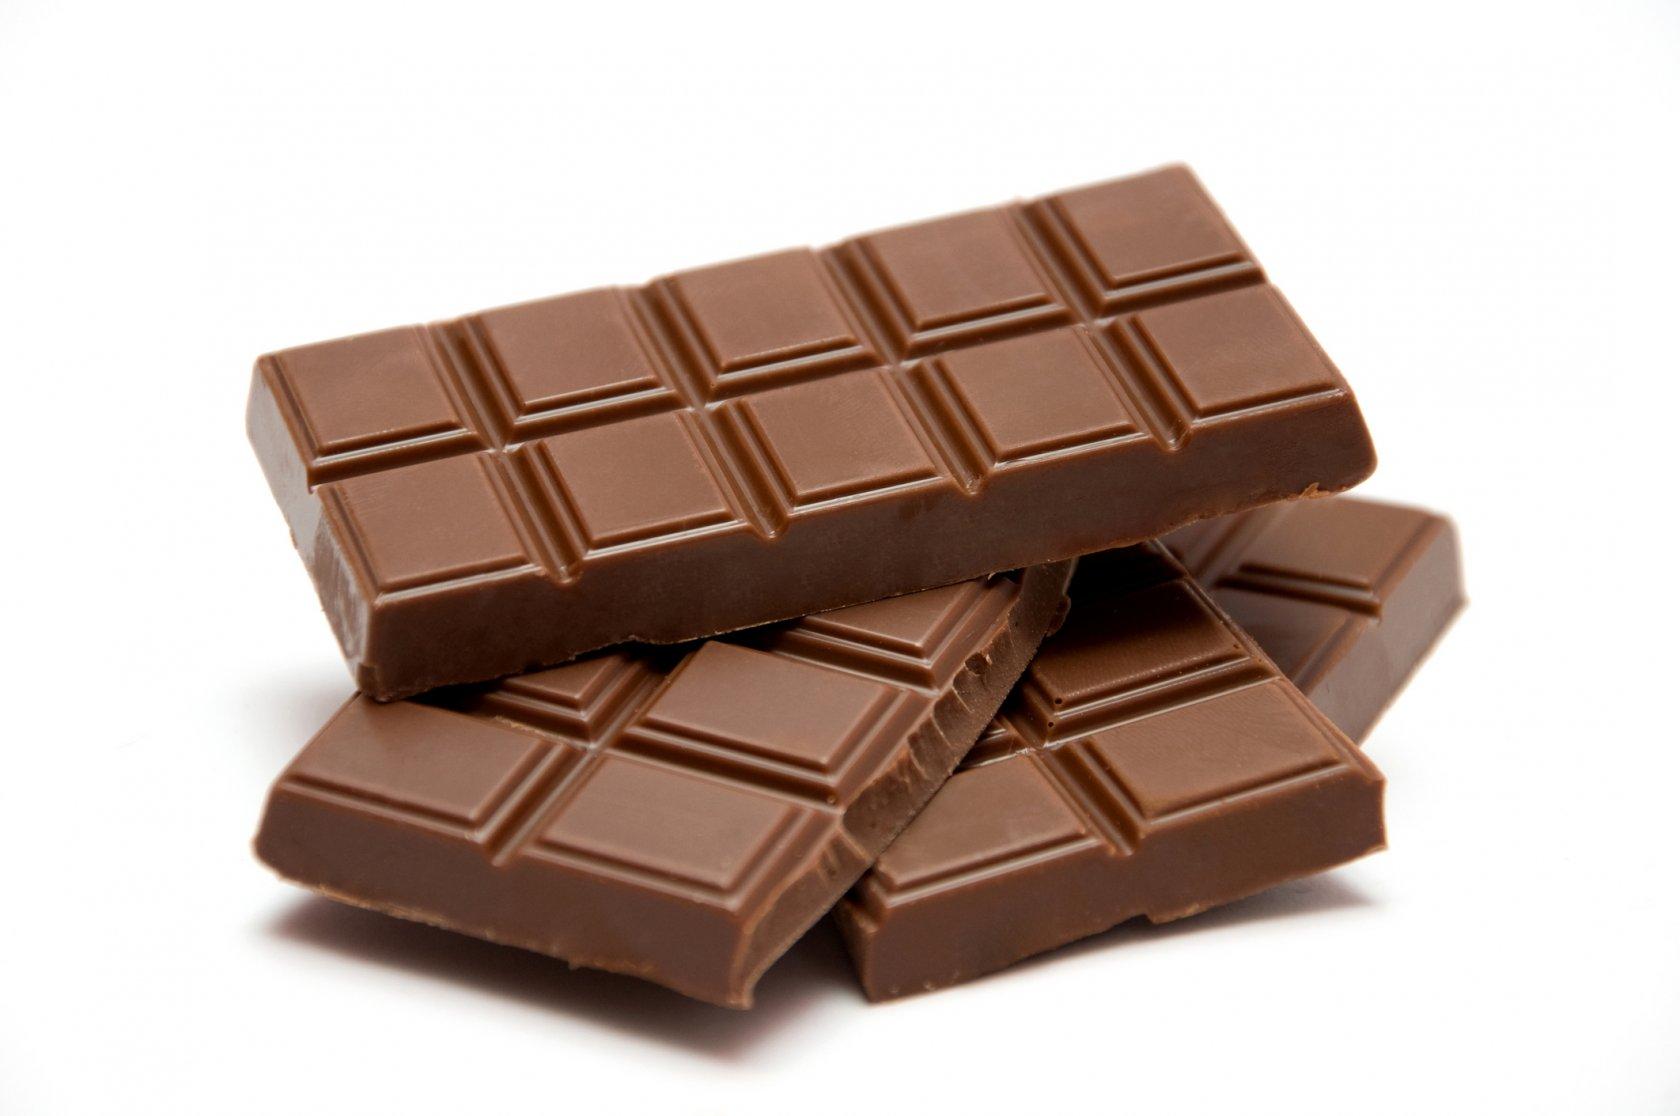 Картинка шоколада без фона